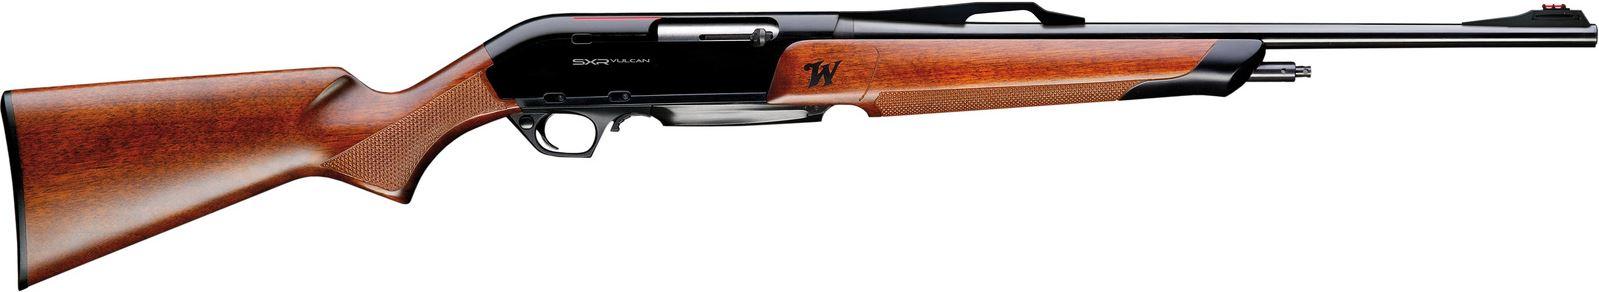 Winchester Sxr